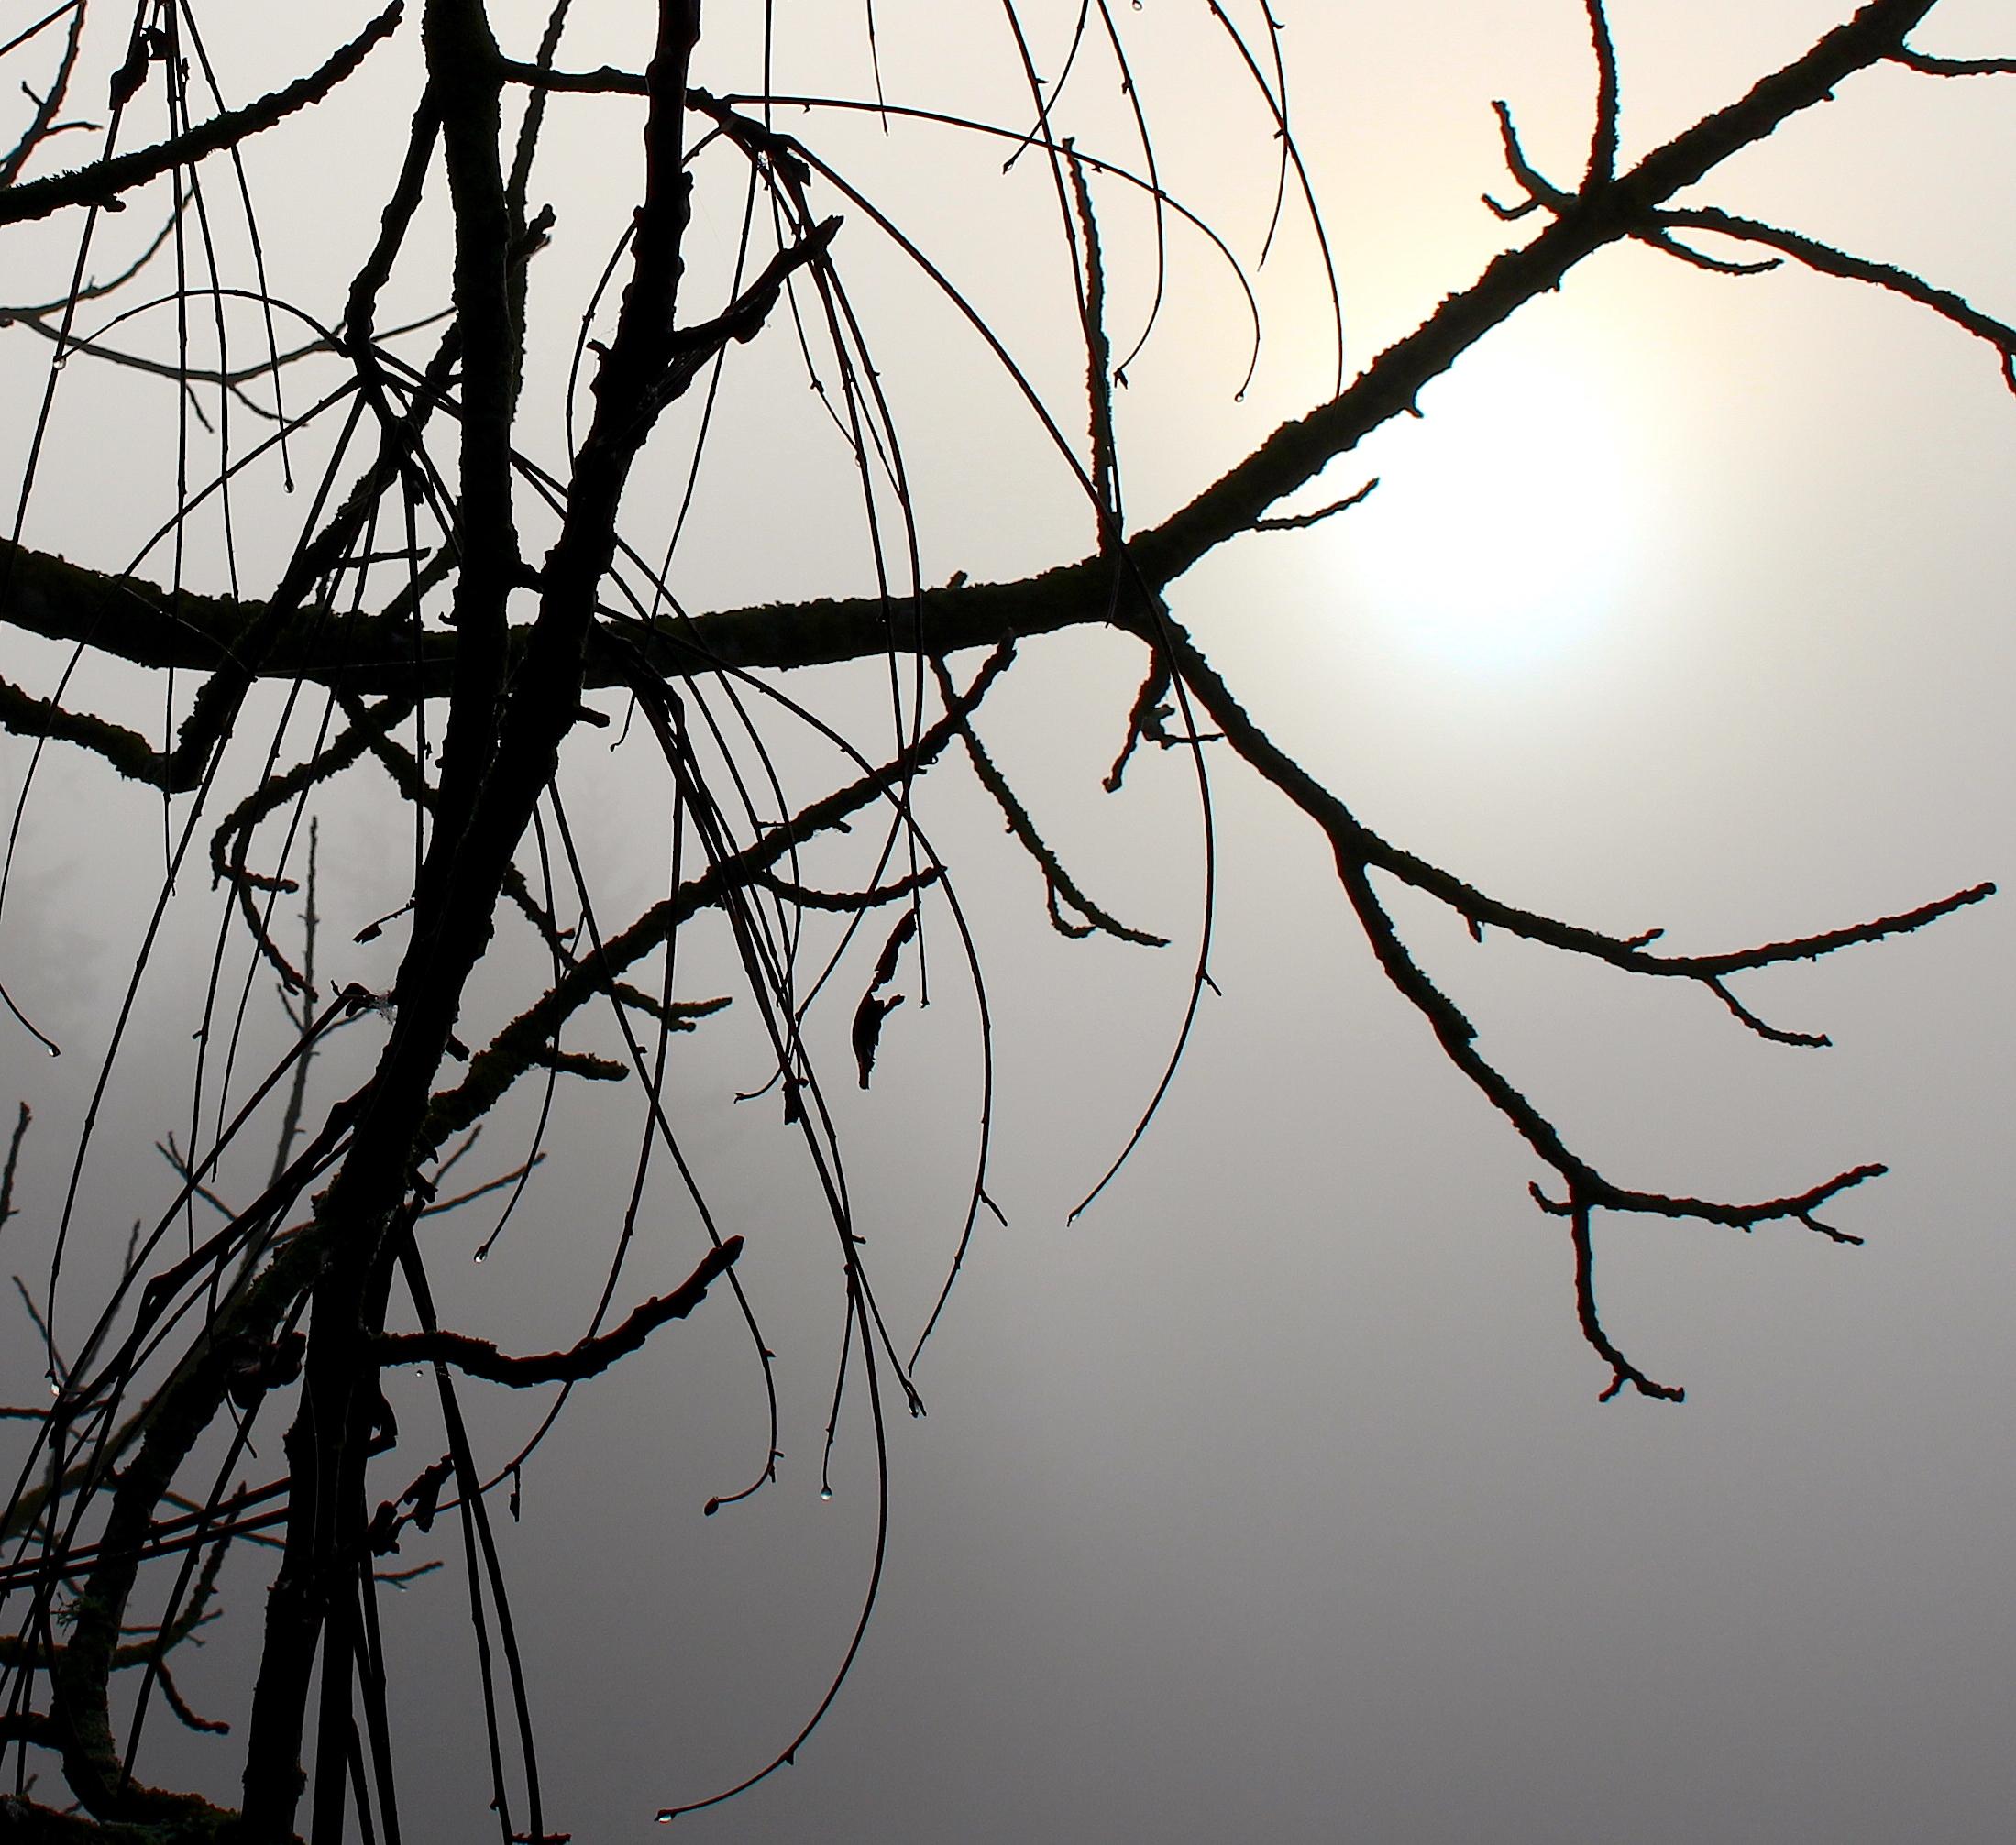 fogdrops